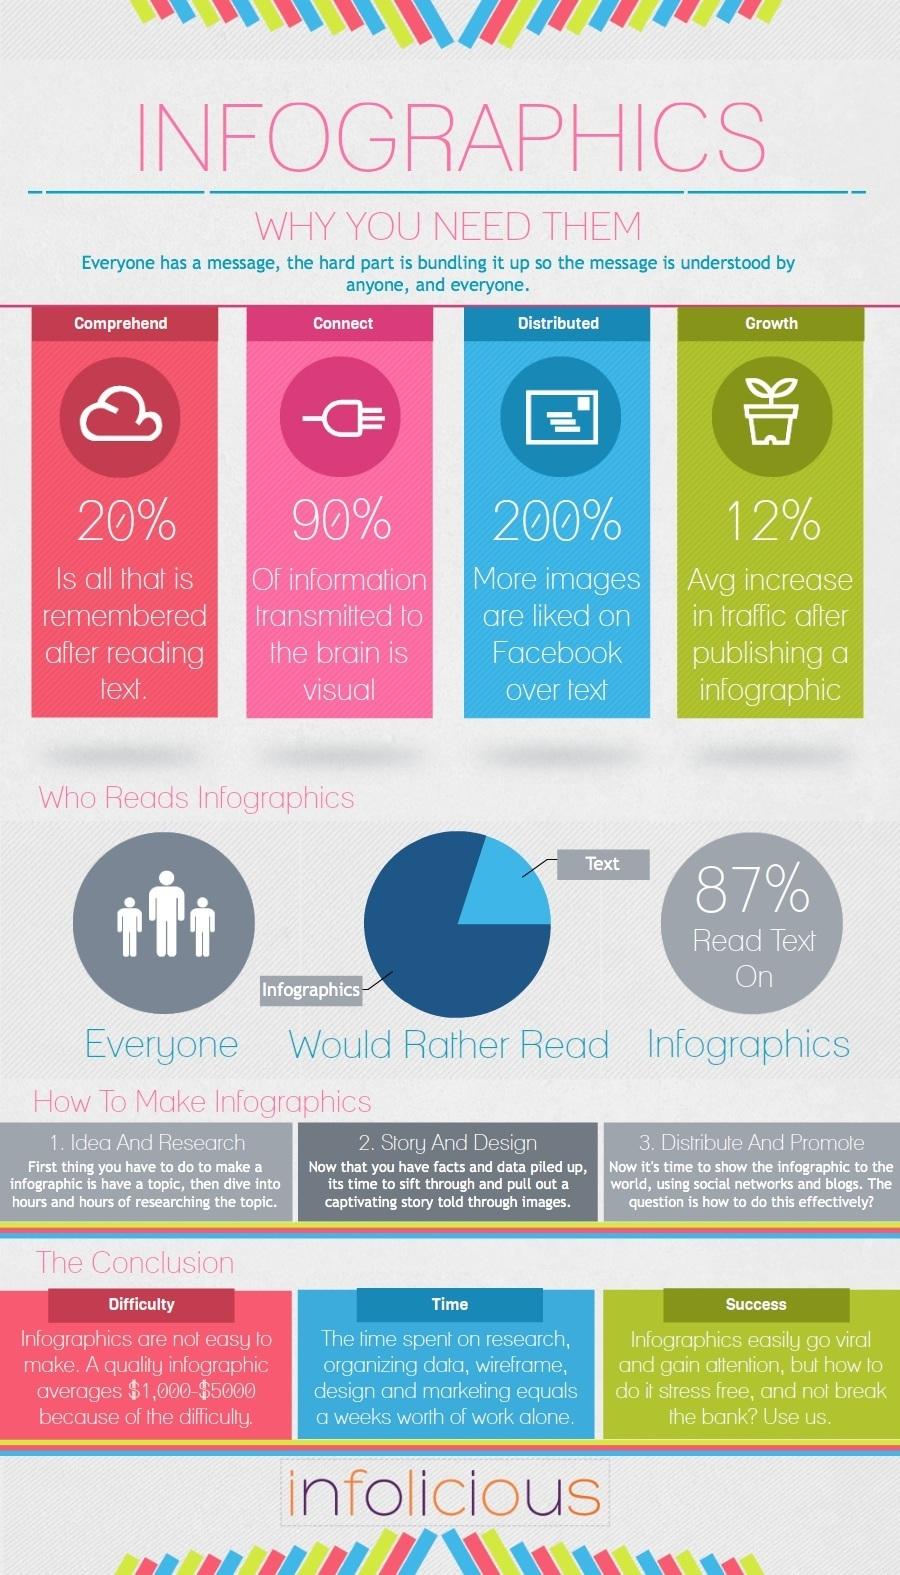 Tại Sao Nên Dùng Infographic